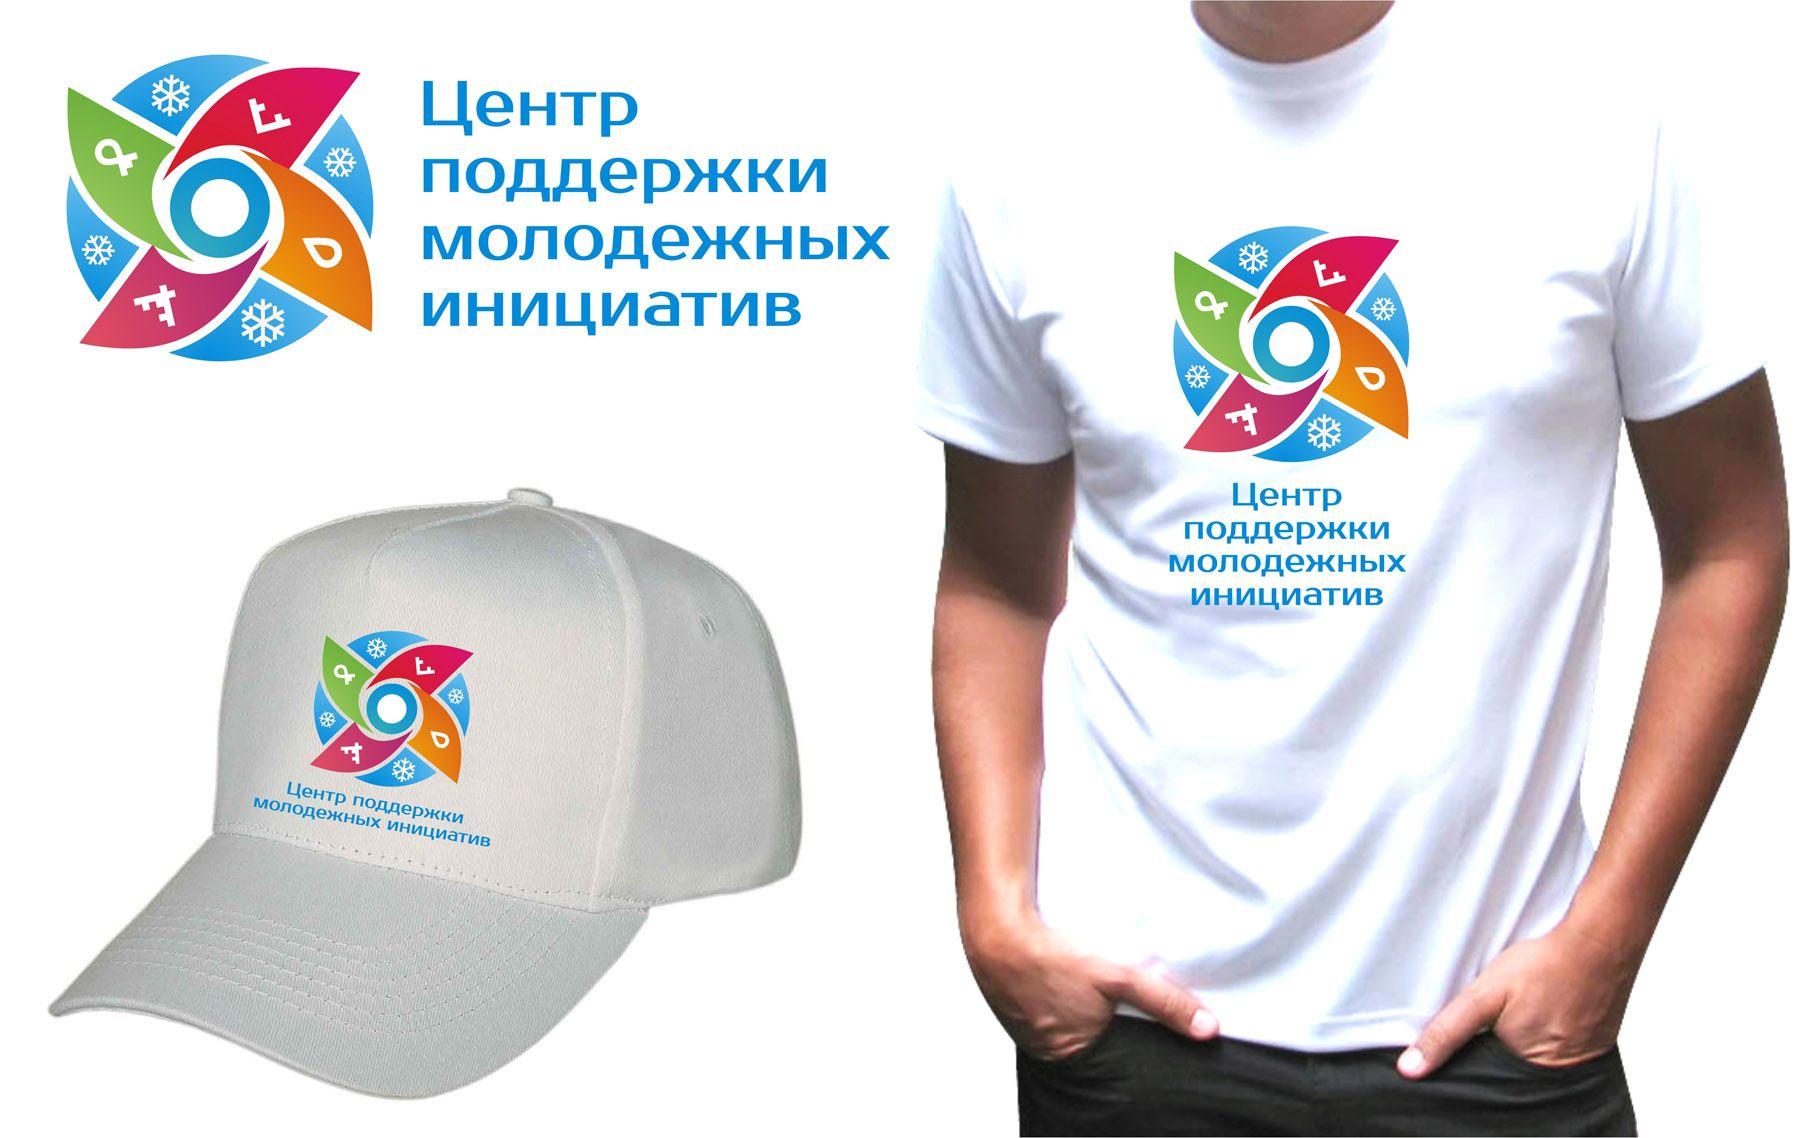 Логотип для Центра поддержки молодежных инициатив - дизайнер LiXoOnshade